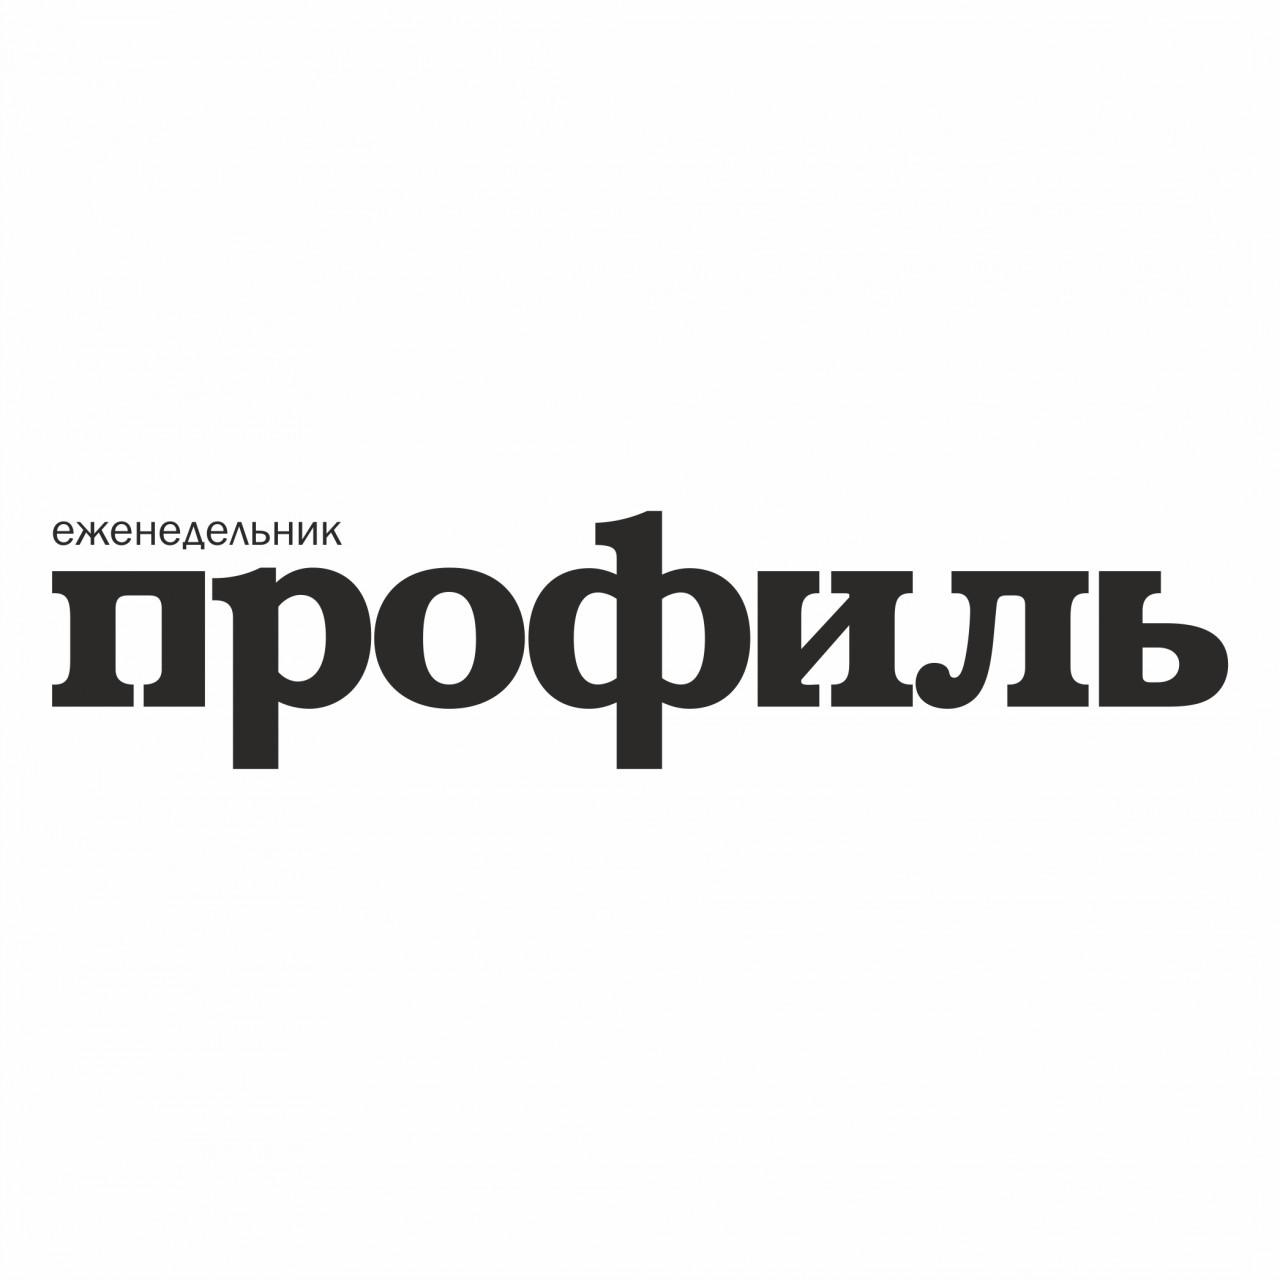 Рябков прокомментировал возможное введение новых санкций США против России